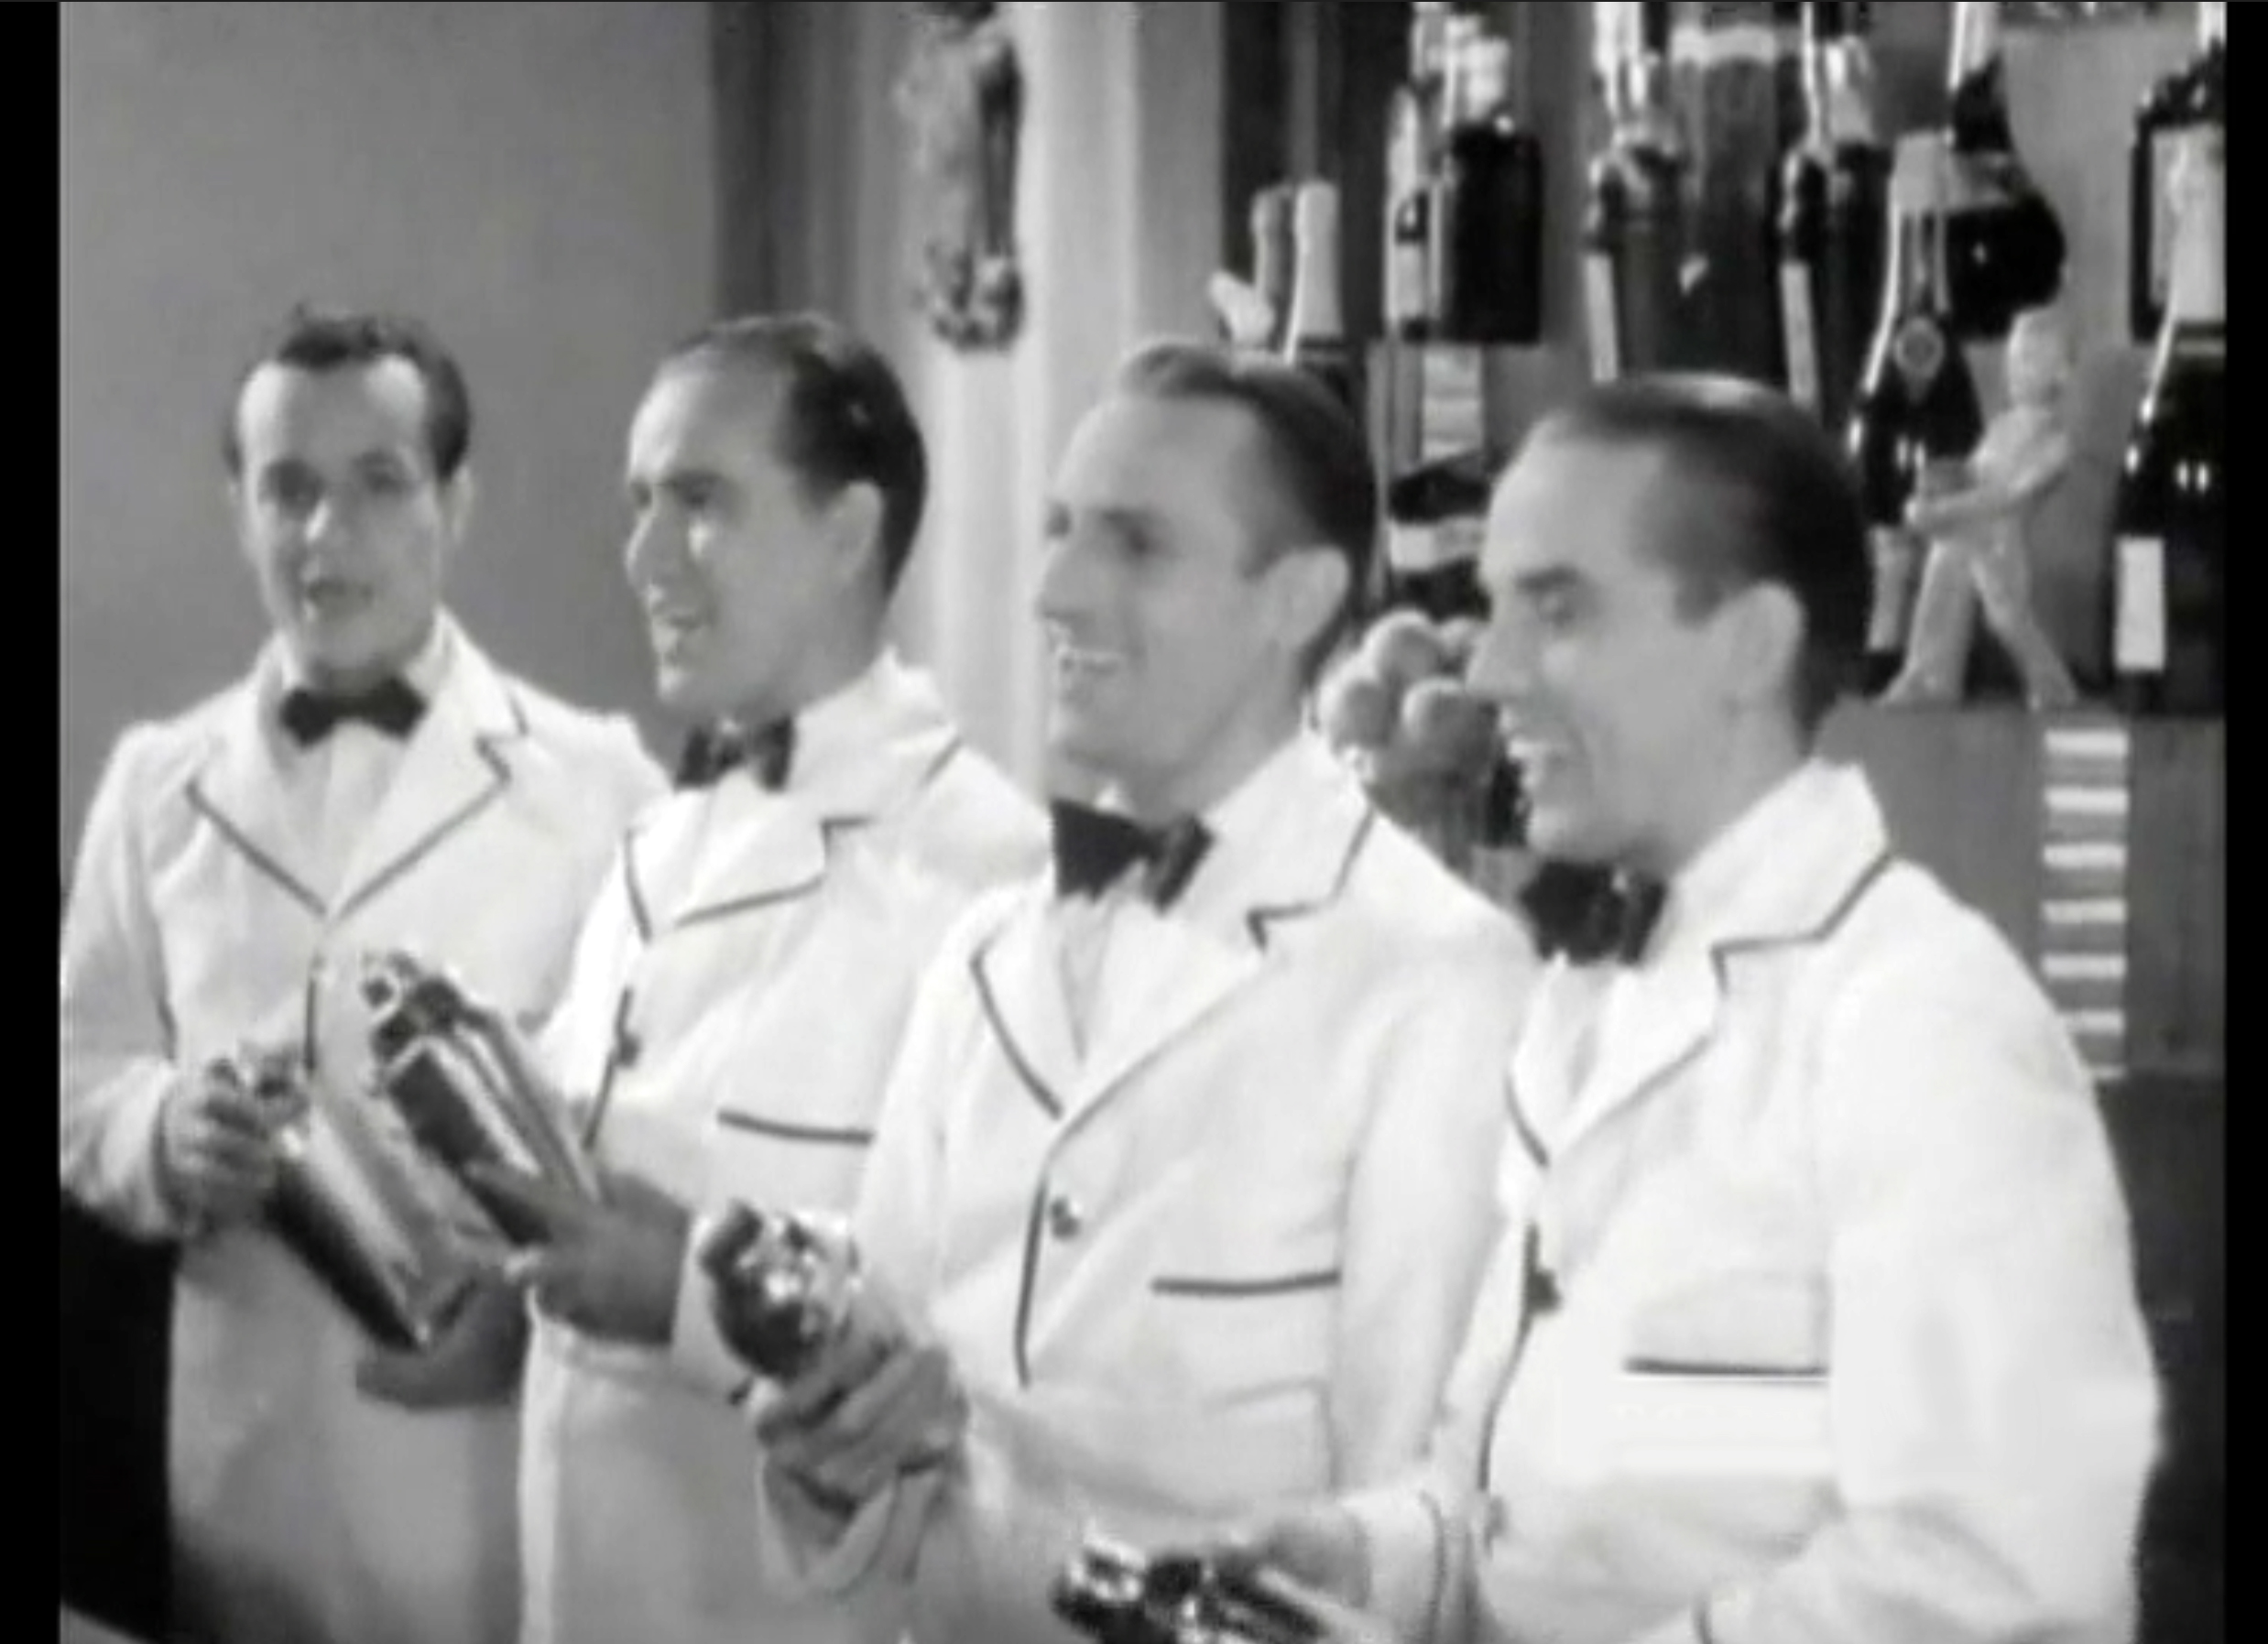 Eton Boys in The Gem of the Ocean (1934)